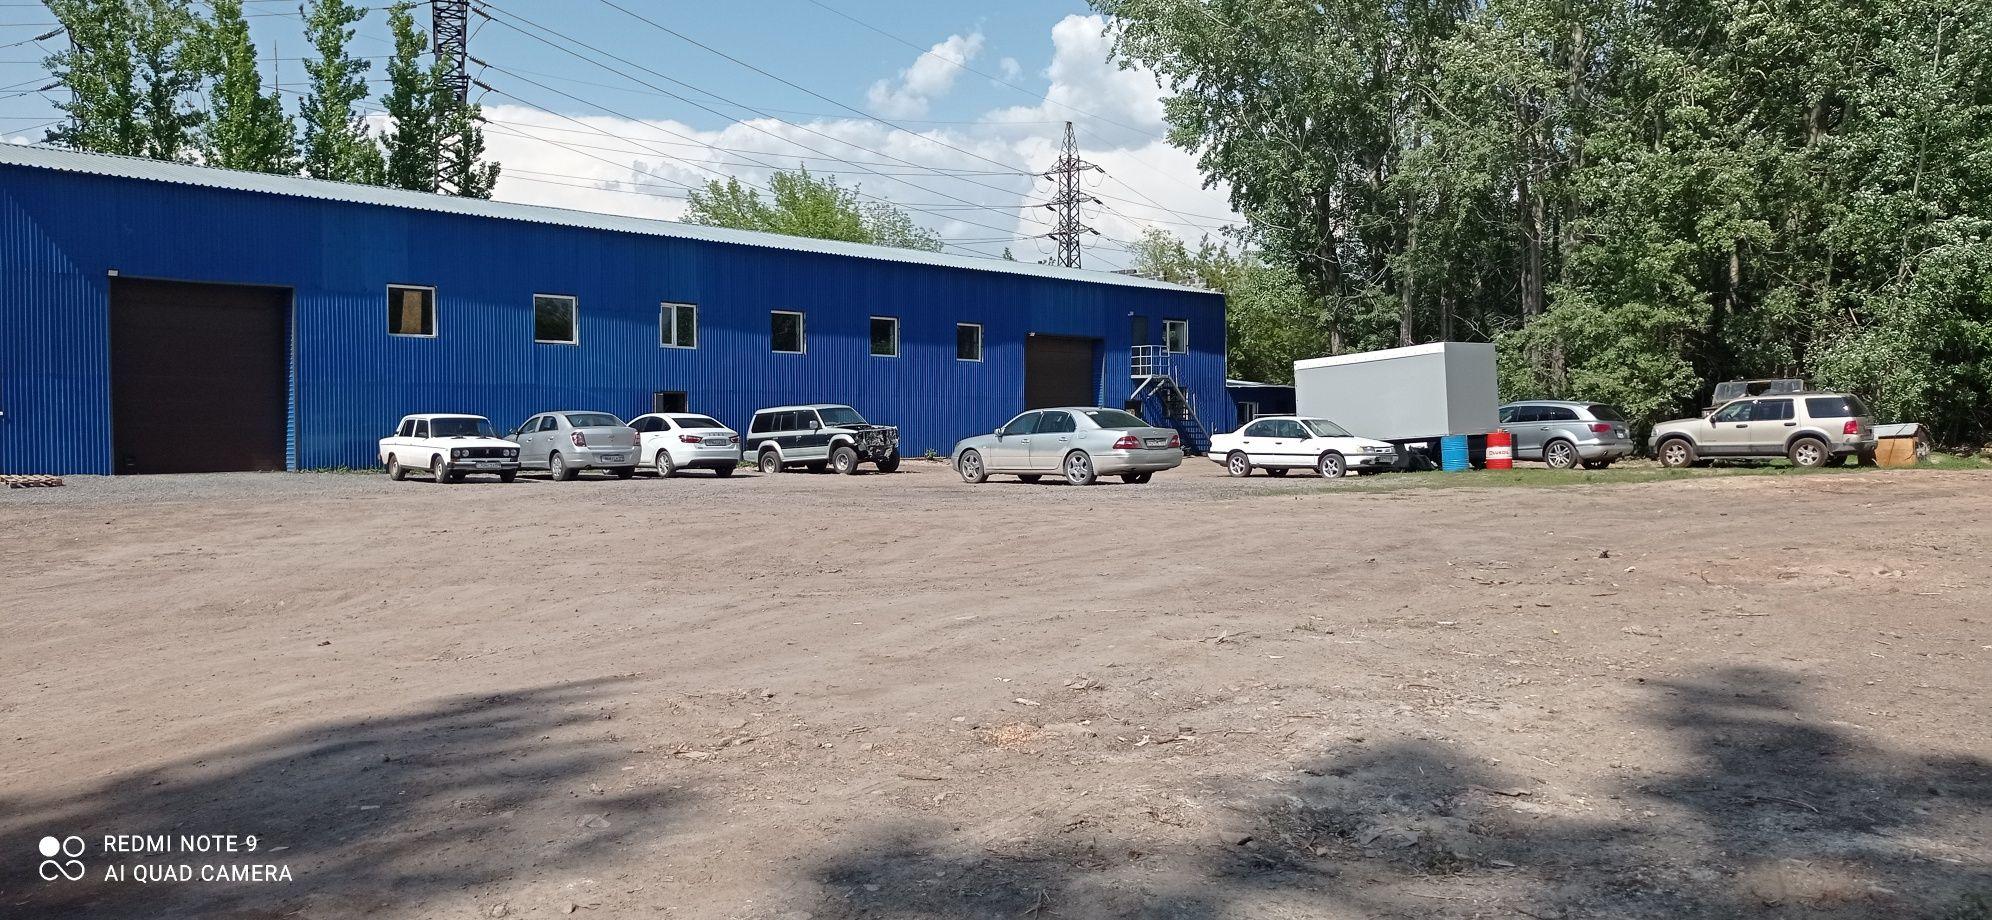 База здание помещение автосервис боксы земля склад